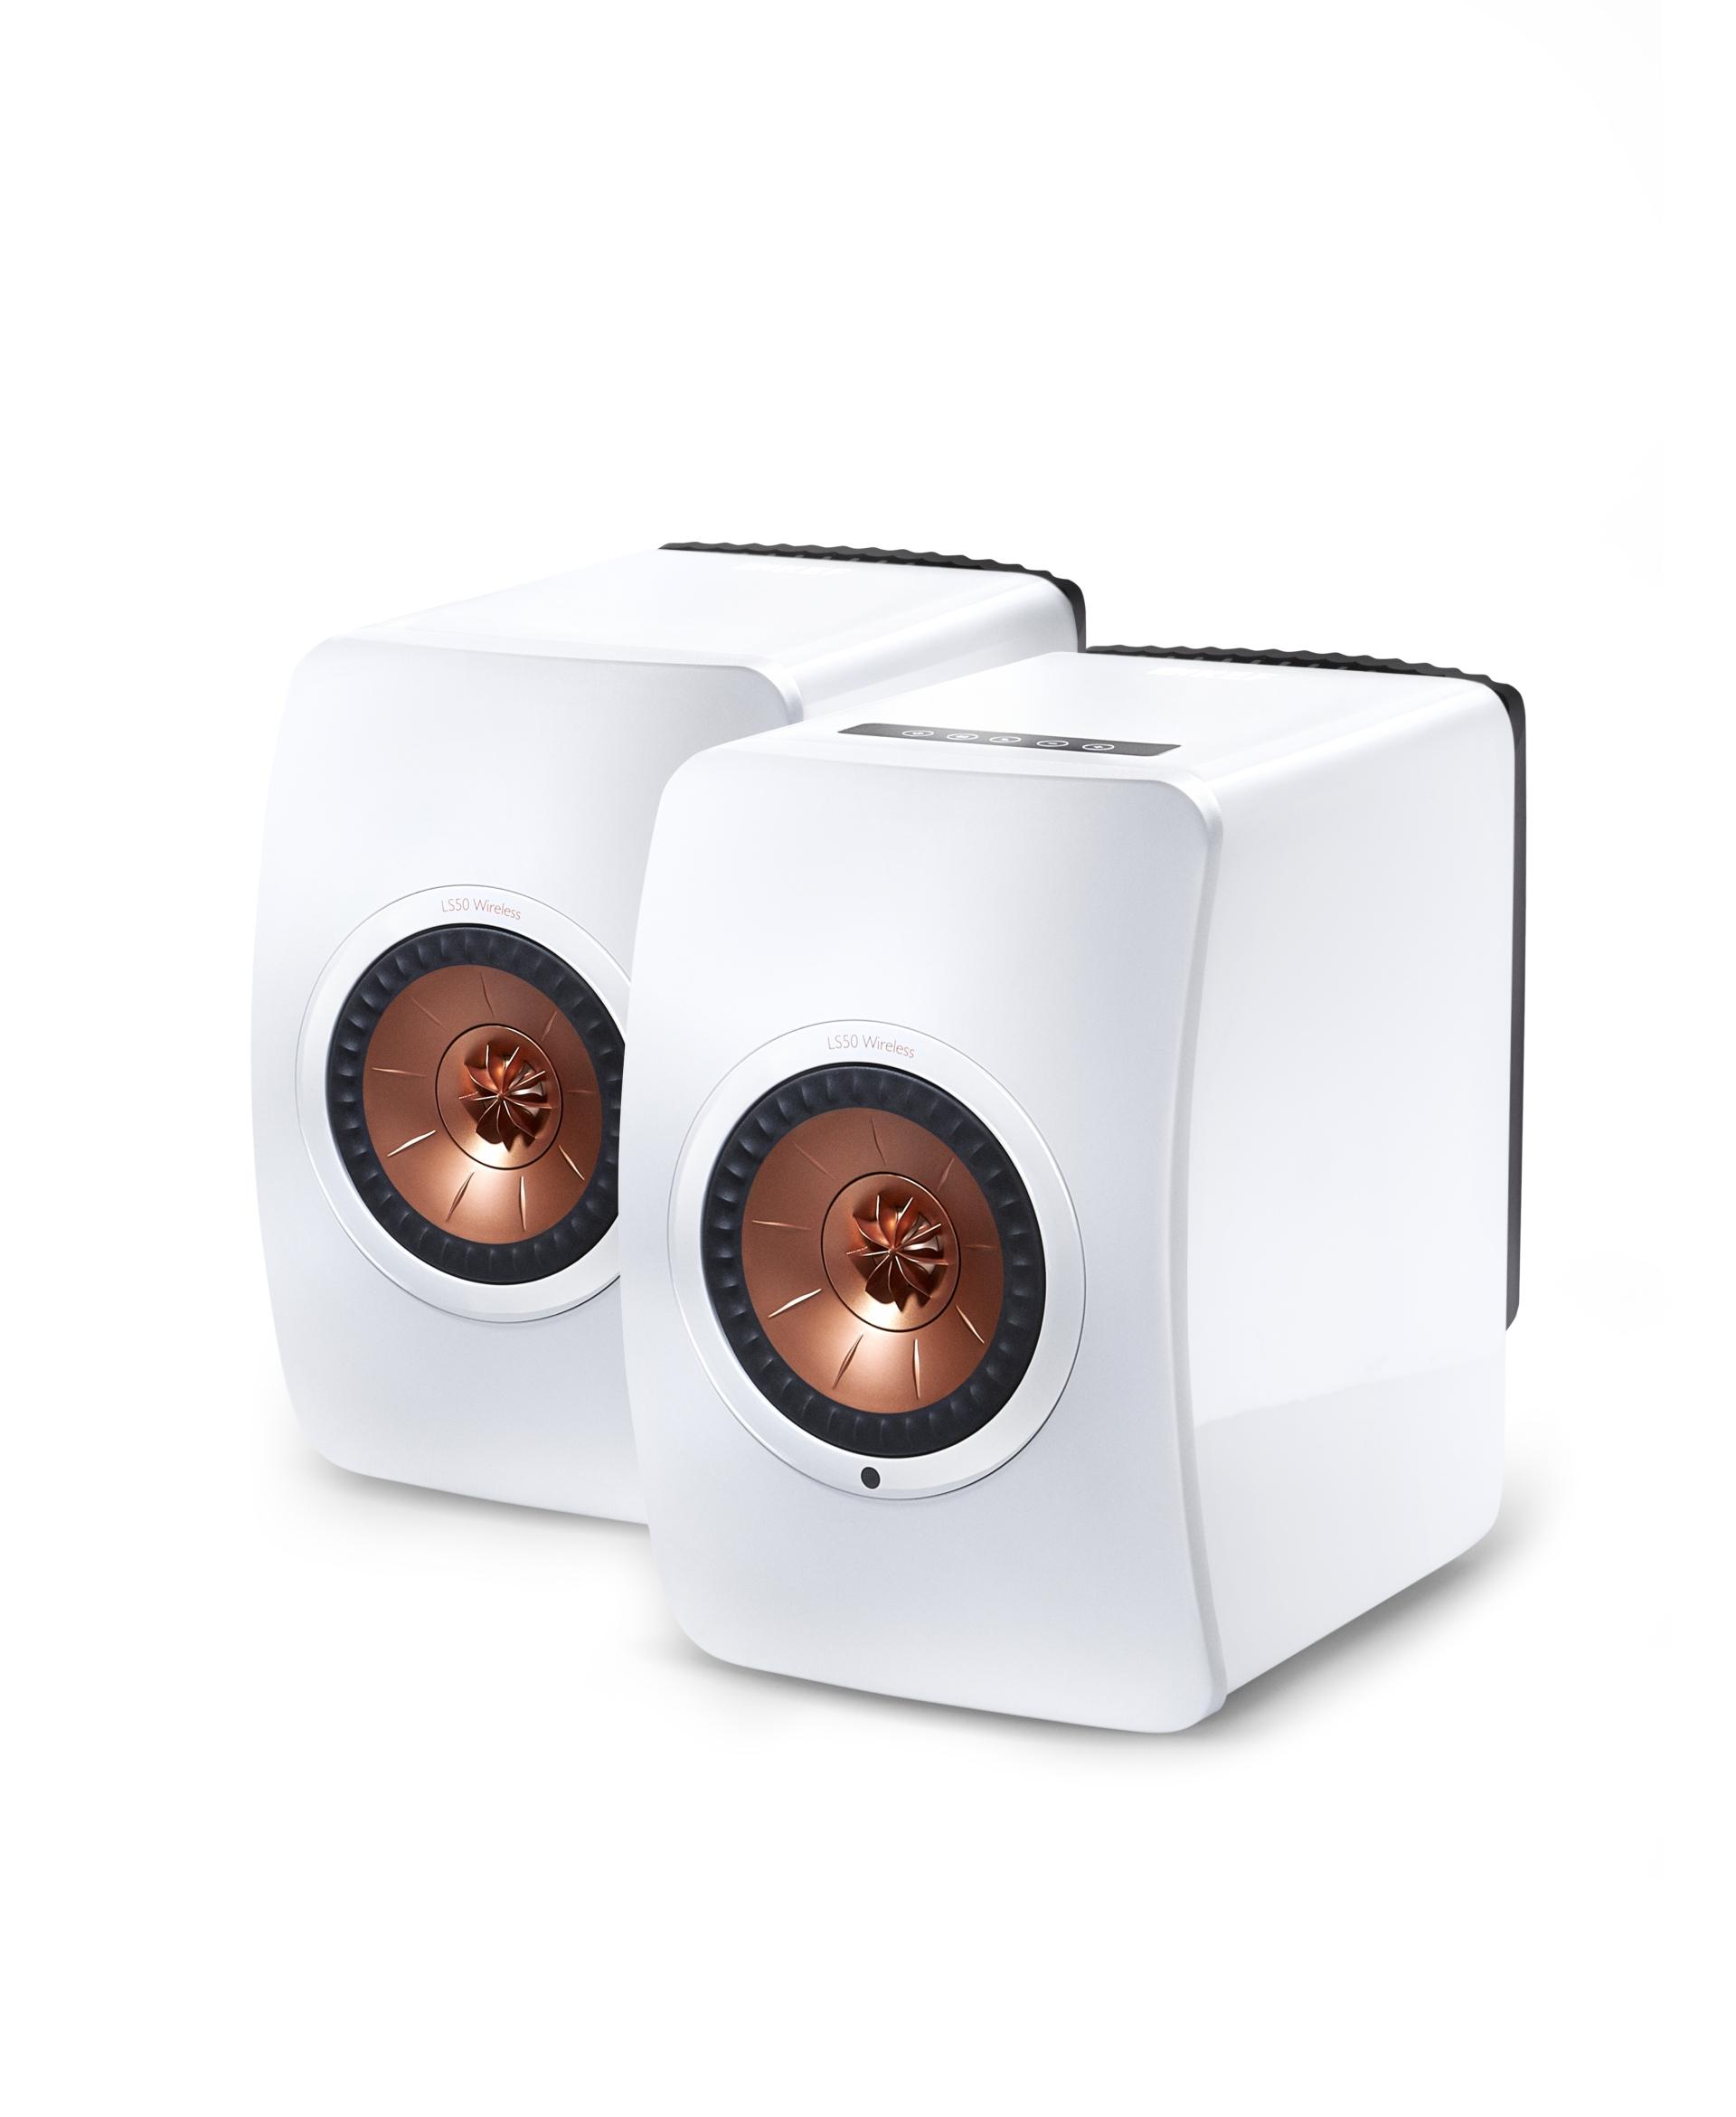 KEF (Raum: Meißen, 4. Etage): Die britische Lautsprecherschmiede KEF zeigt die LS50 in der kabellosen Variante, derzeit wohl einer der schönsten aktiven Speaker, der auch in AUDIO TEST (05/2017) im Test abgeräumt hat.